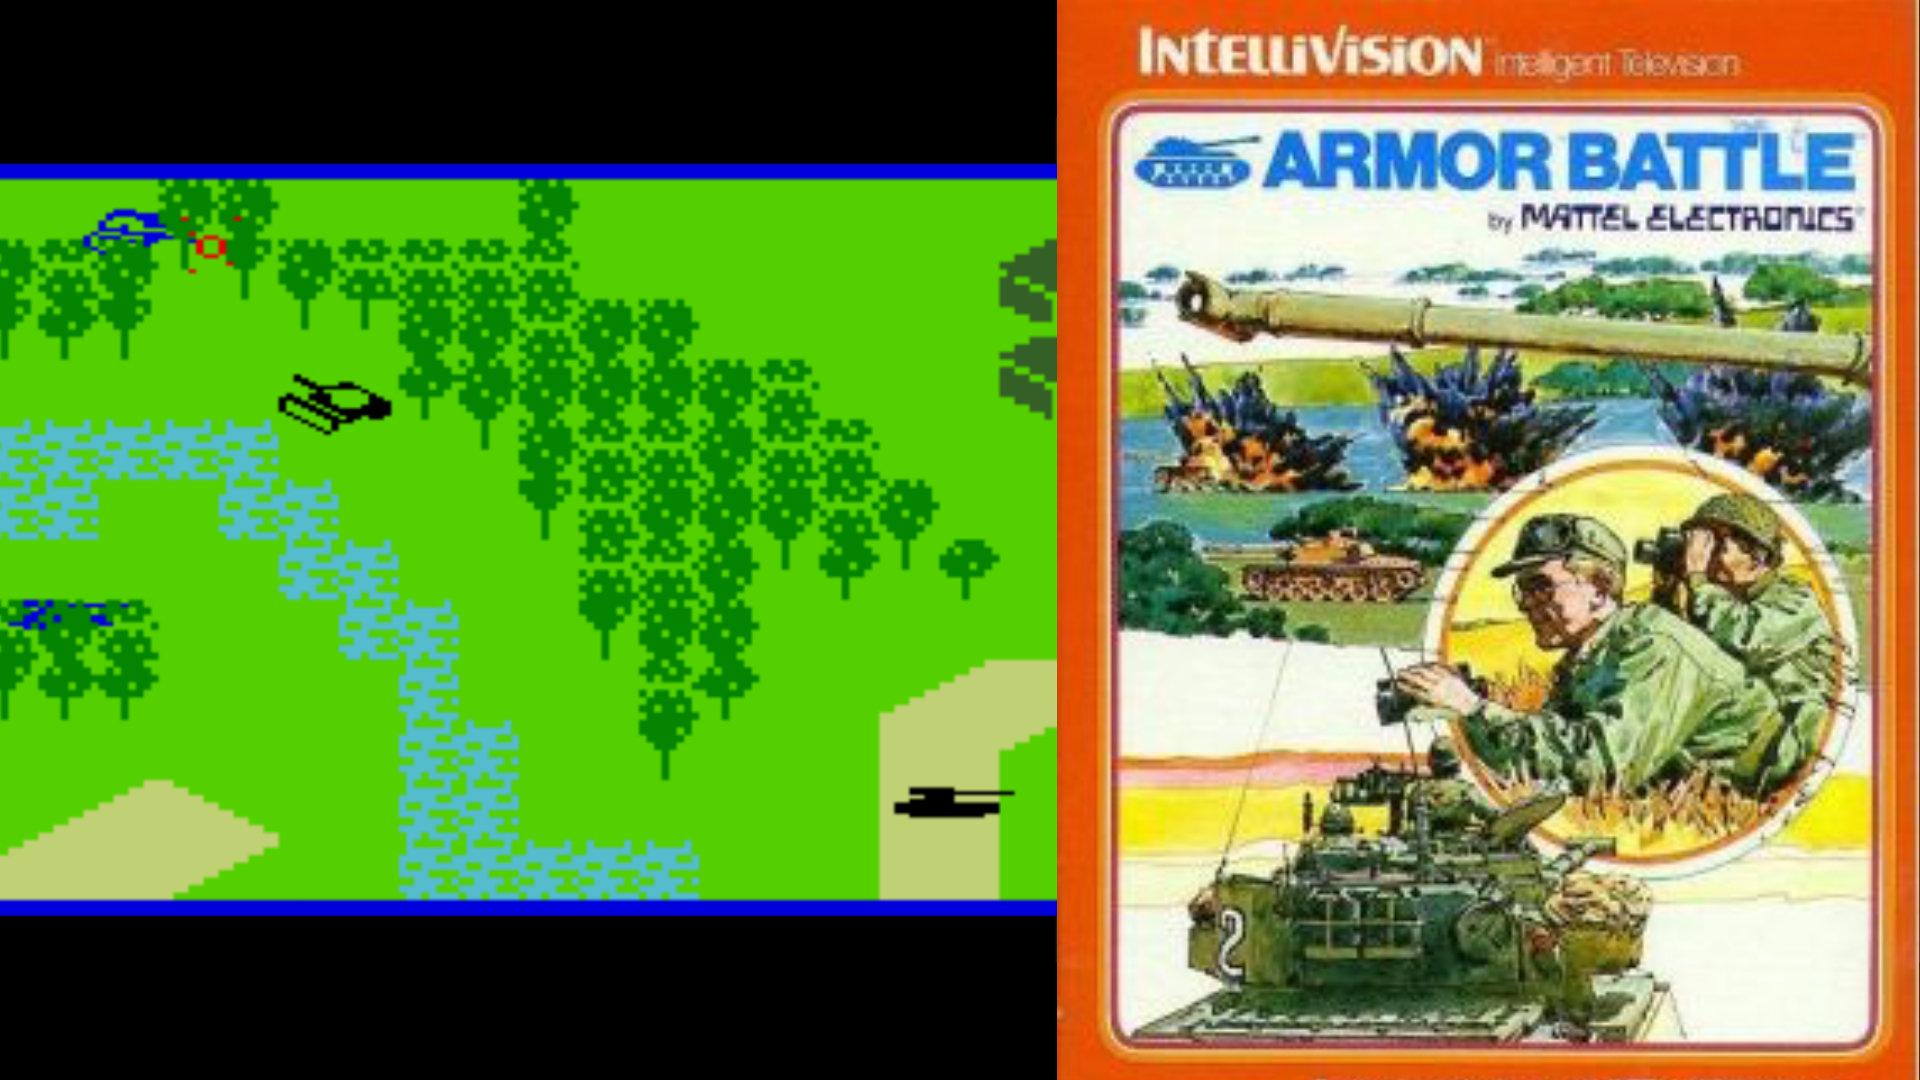 Die 1979 von Mattel Electronics für Intellivision veröffentlichte Armor Battle erzählt grafisch klar dargestellte Panzerschlachten, dem Spieler selbst wird von der Packung die bevorzugte Spielpose und -kleidung vorgegeben (Fernglas not included). (Bild: Andreas Wanda)